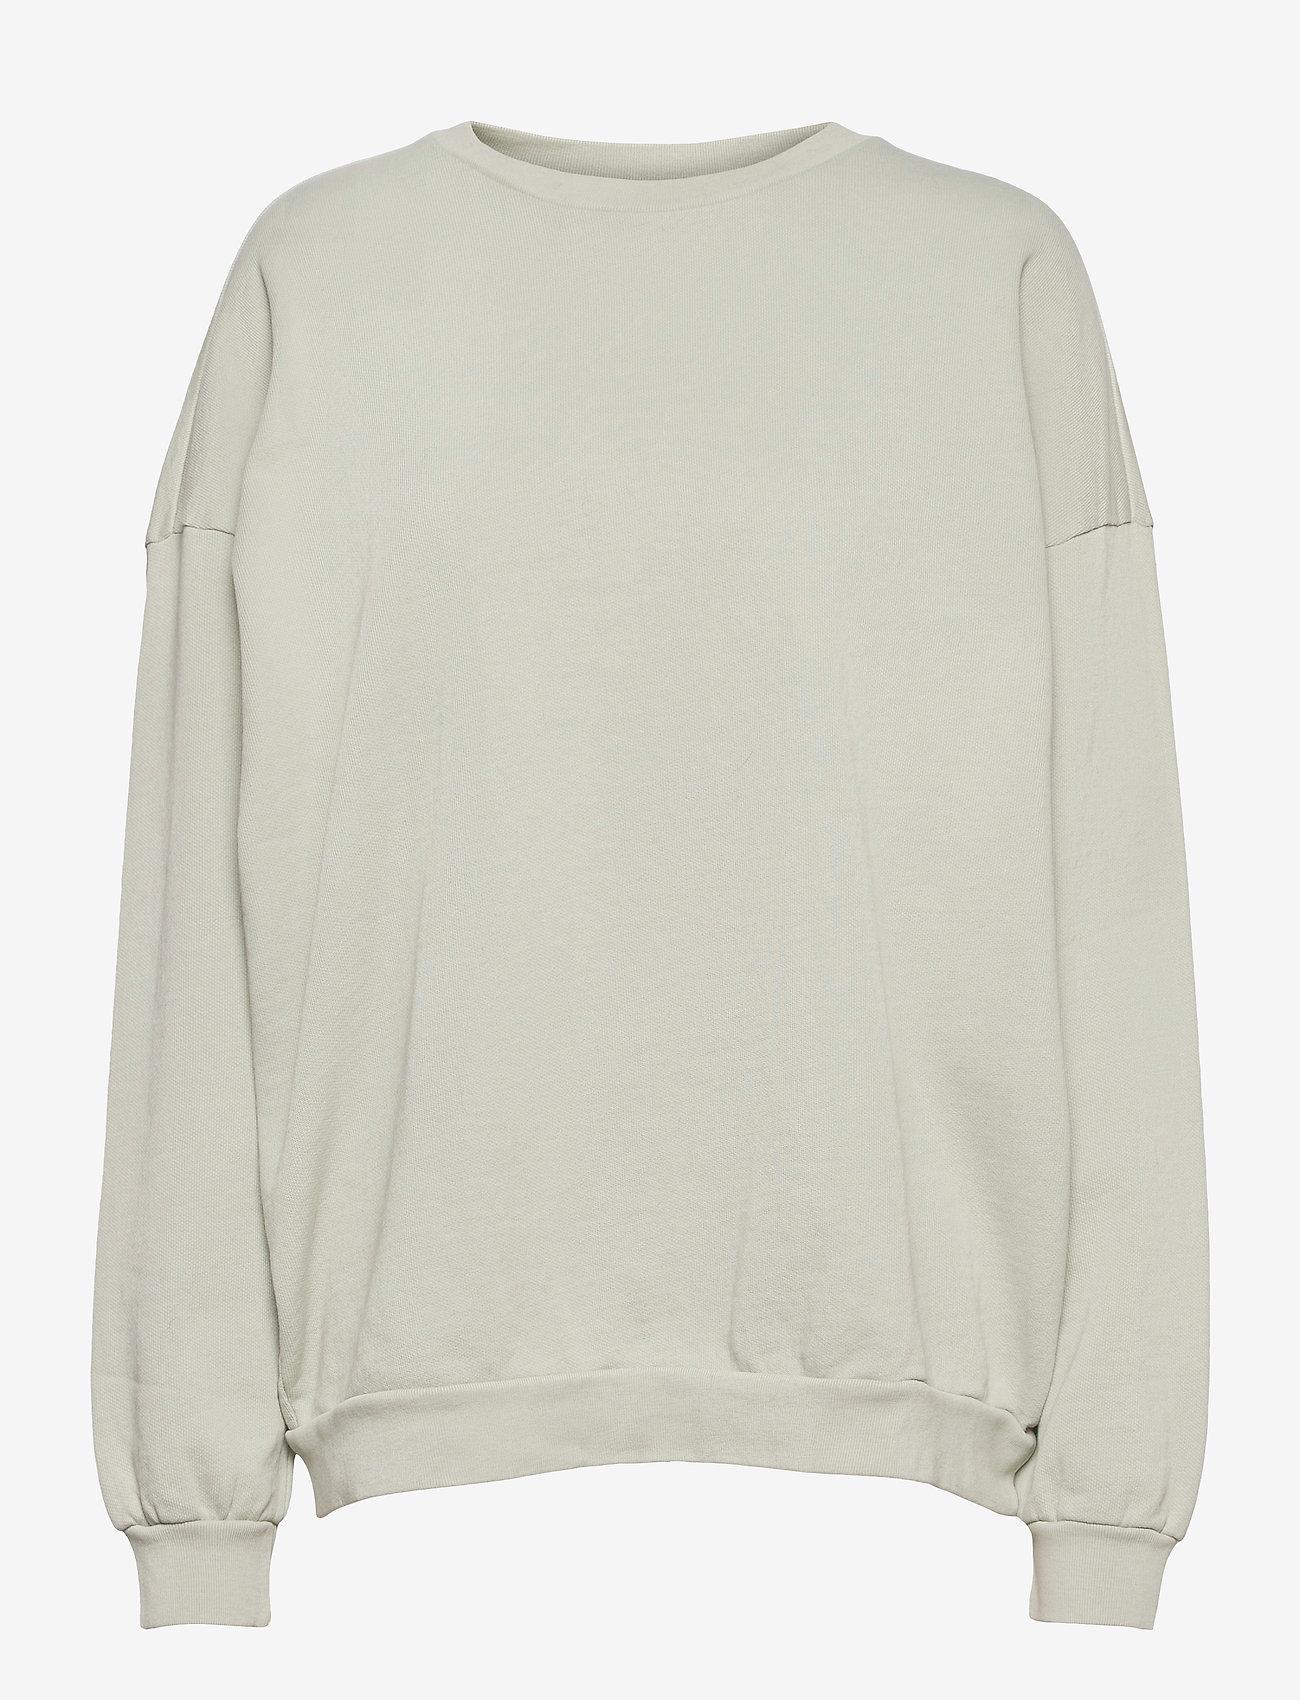 American Vintage - FERYWAY - sweatshirts & hoodies - amandier vintage - 0